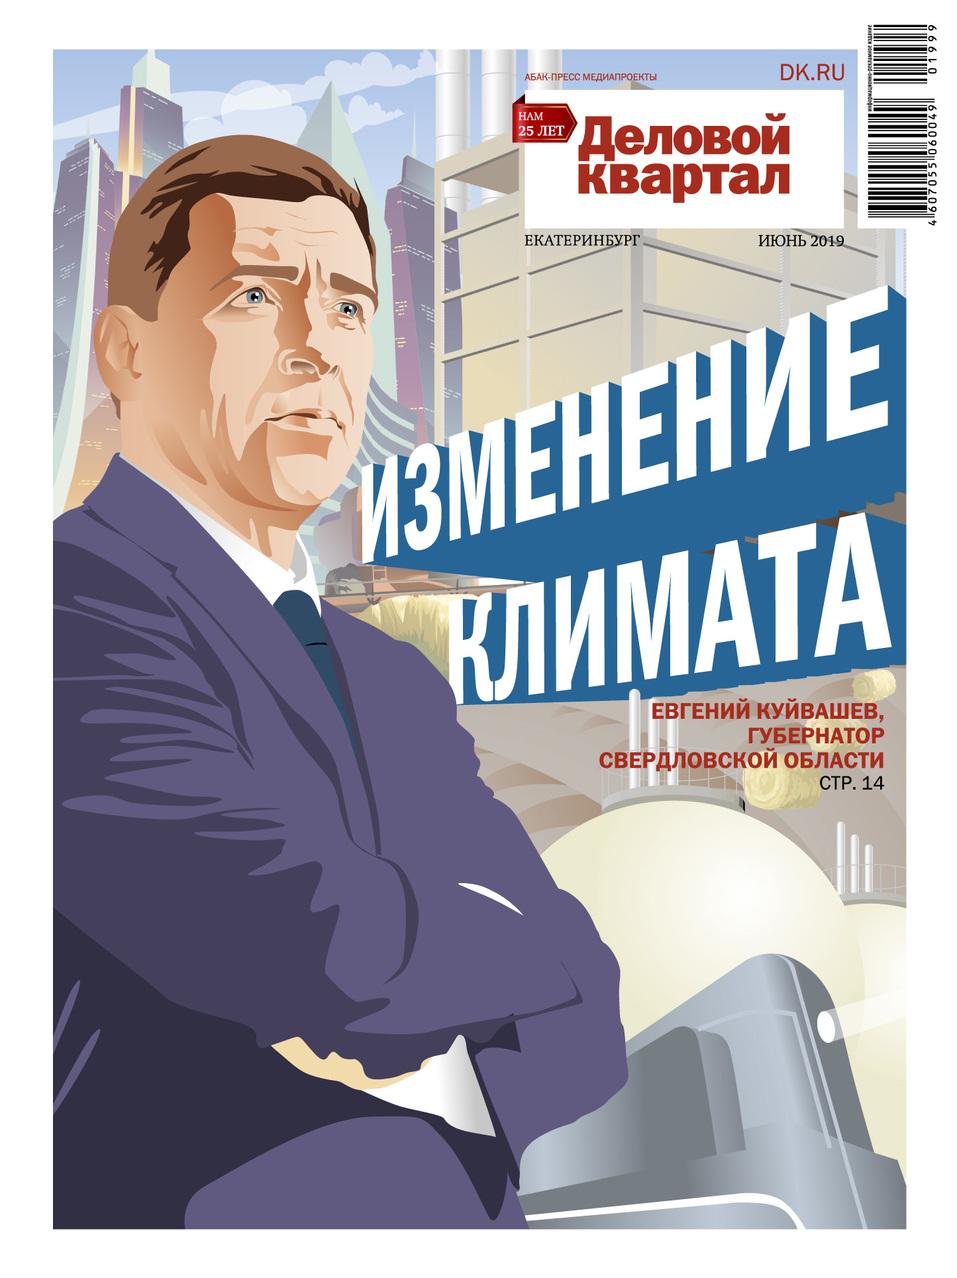 Обложка журнала «Деловой квартал» с интервью Евгения Куйвашева